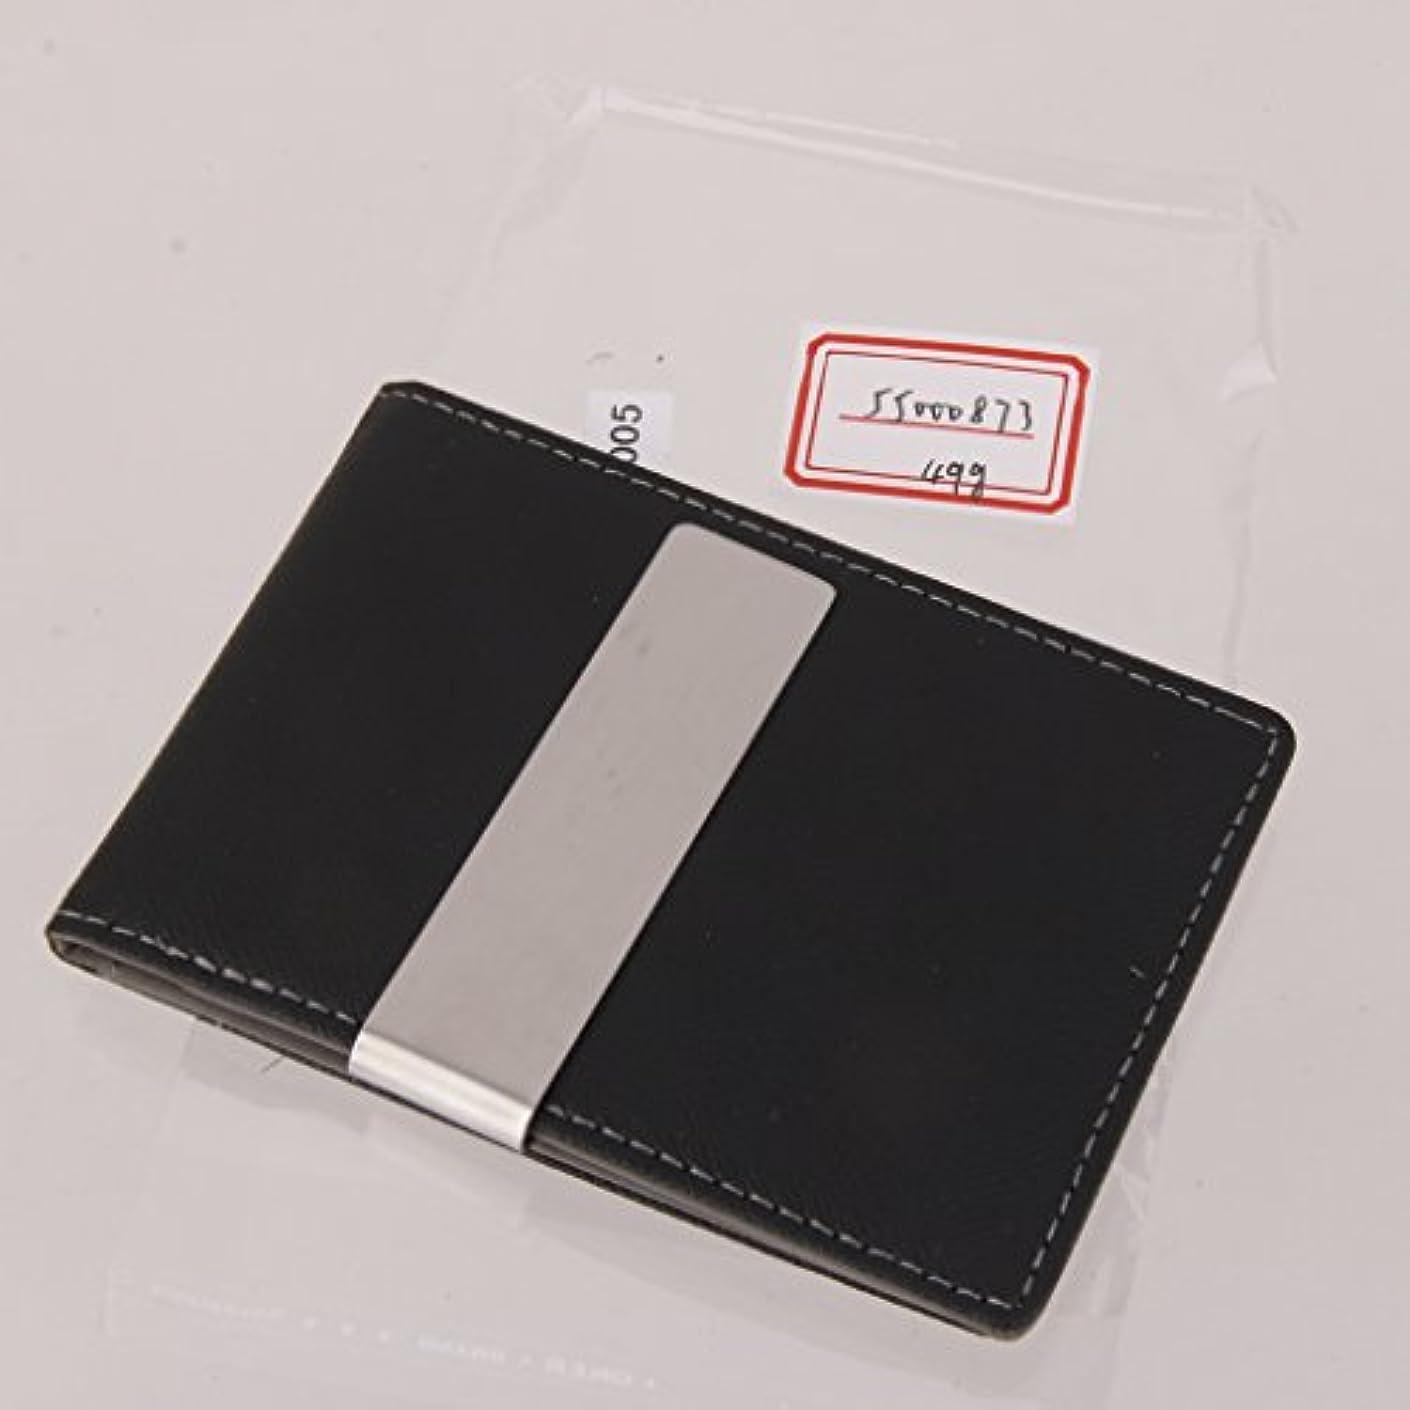 あいまいな広くパリティ【ノーブランド 品】メンズ マネークリップ スリム 財布 ID クレジットカード 財布 グレー